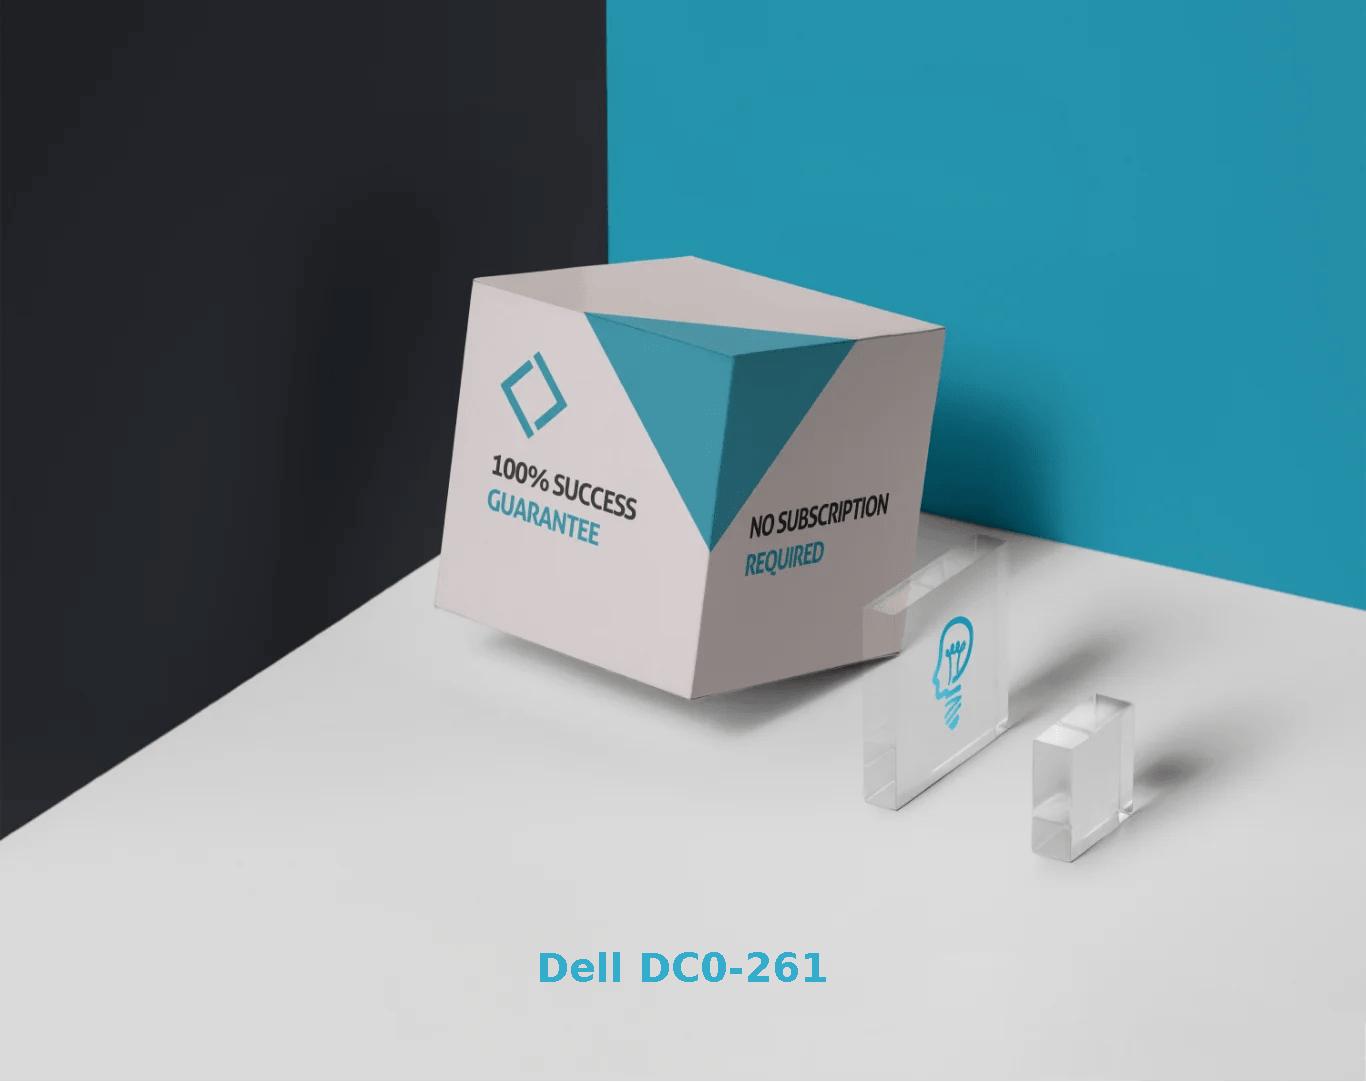 Dell DC0-261 Exams